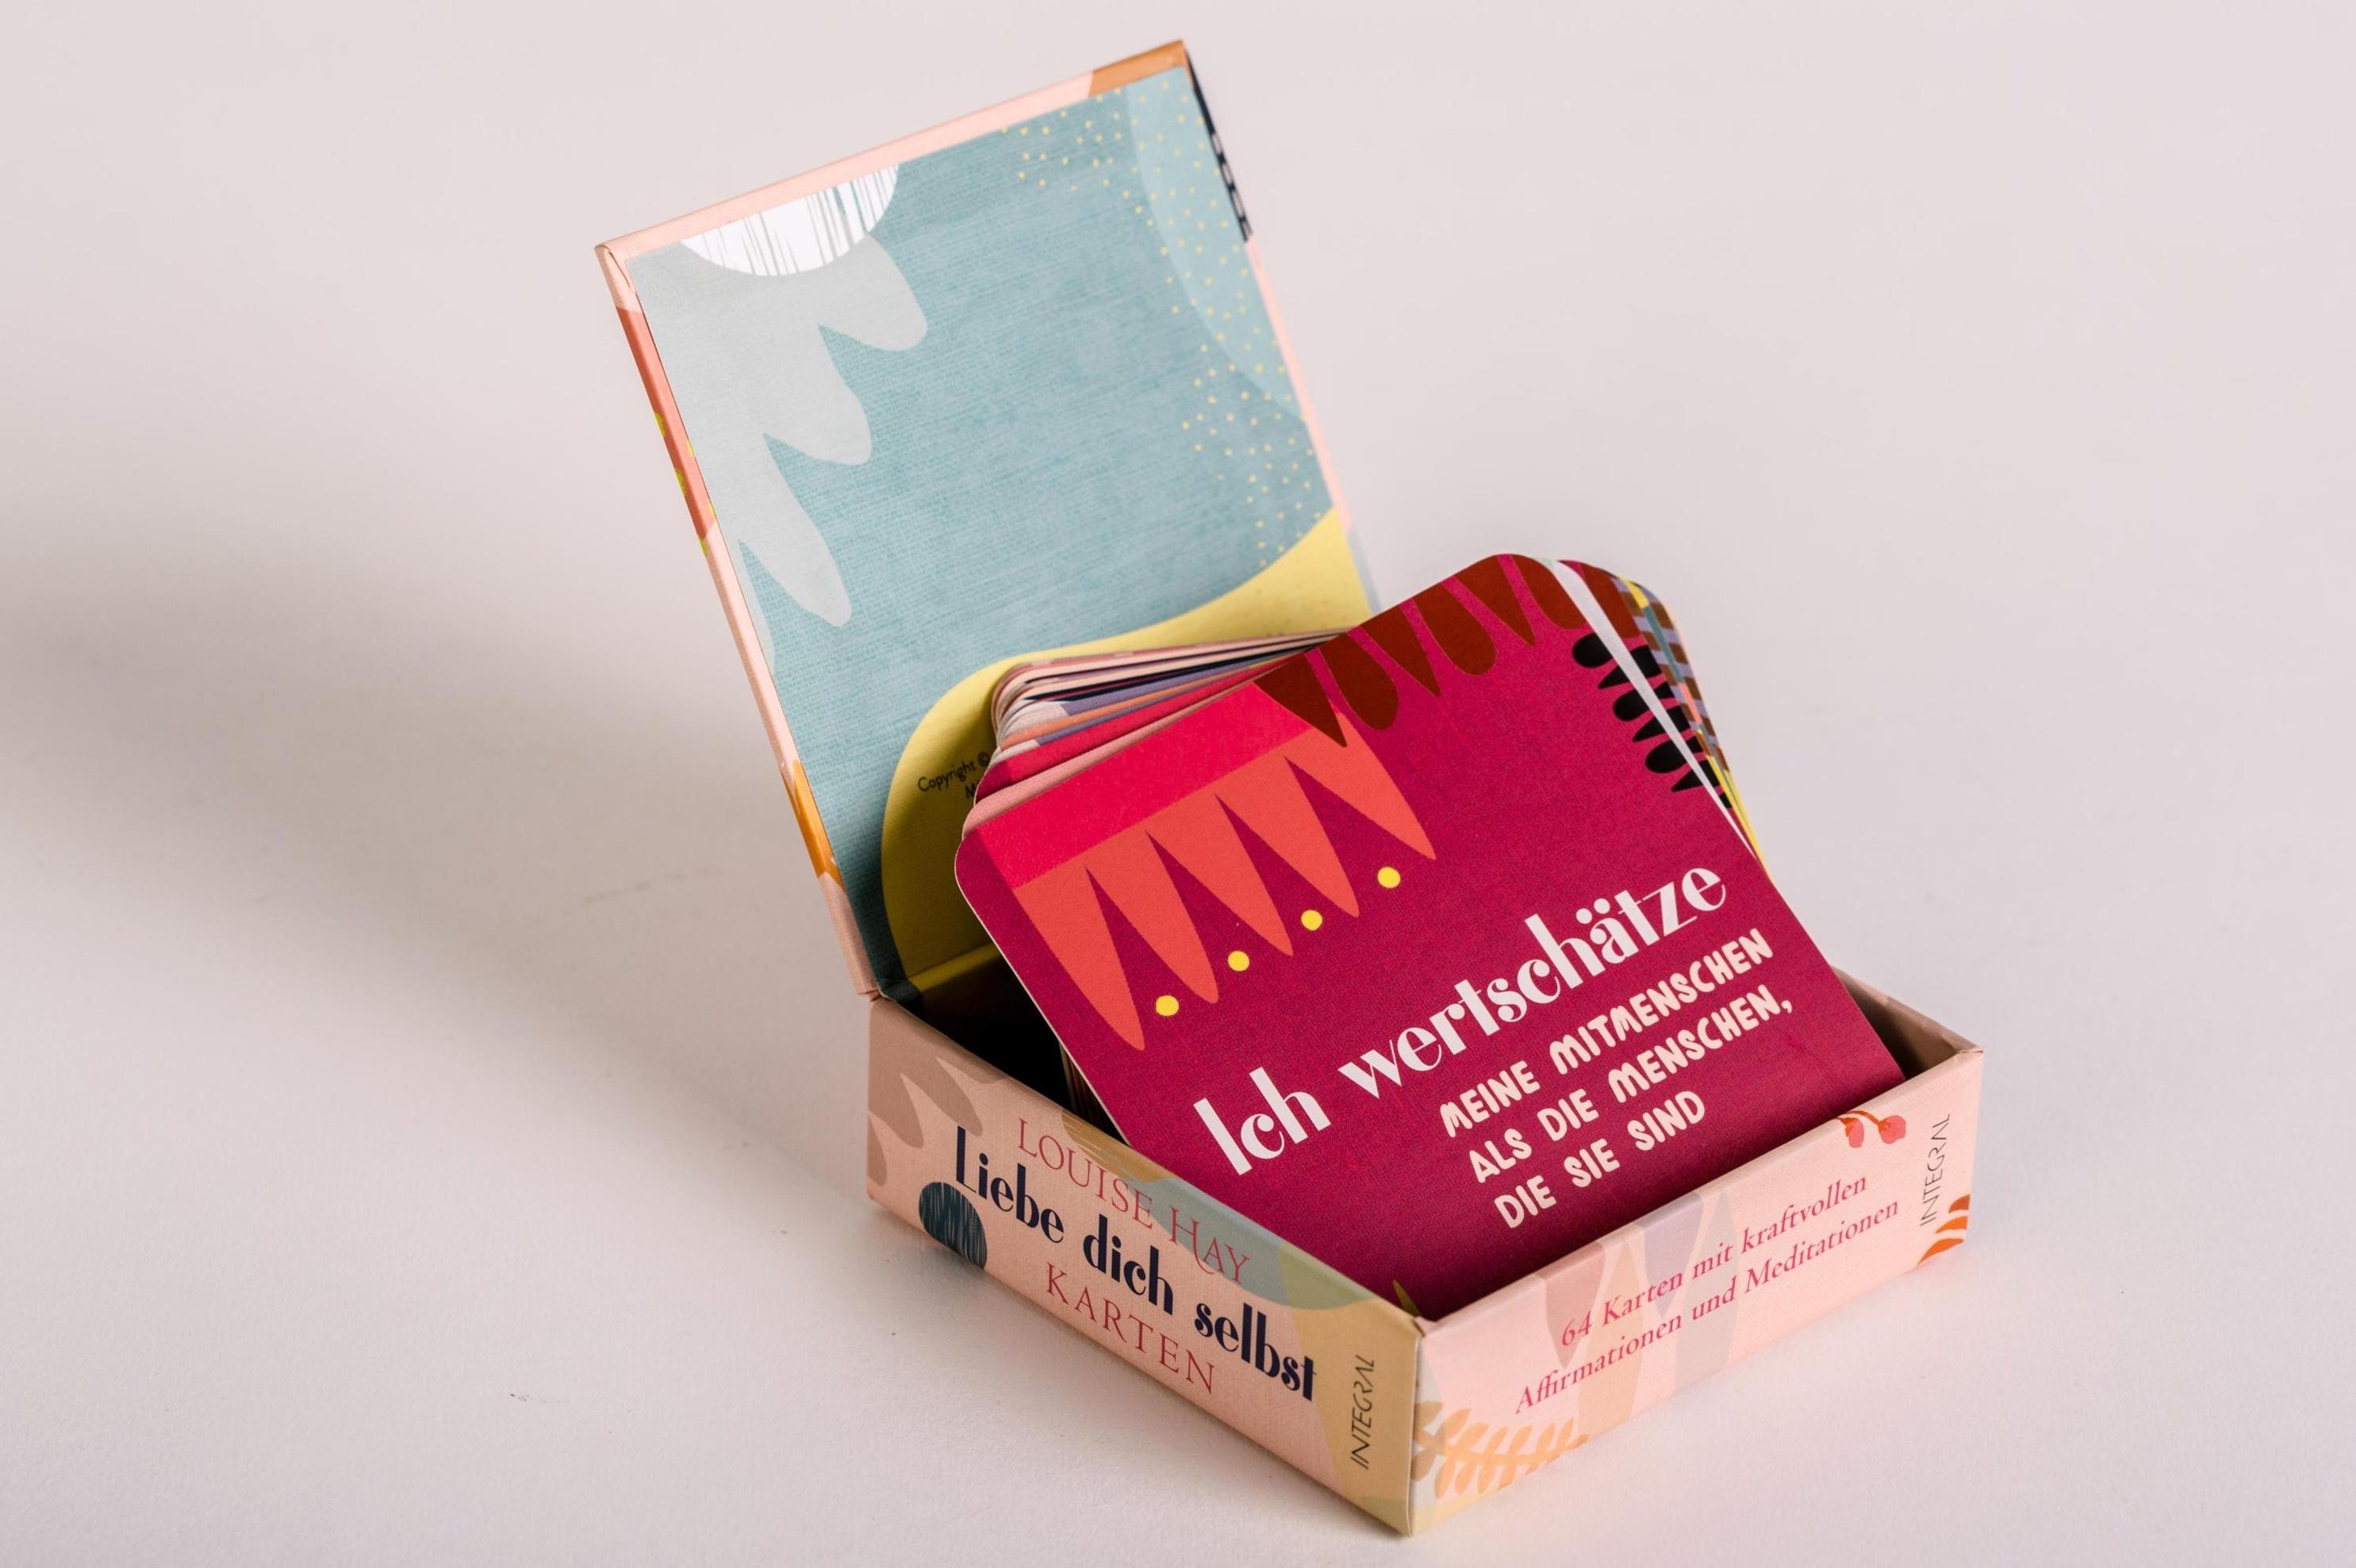 Liebe Dich Selbst Karten 64 Affirmationskarten Buch Versandkostenfrei